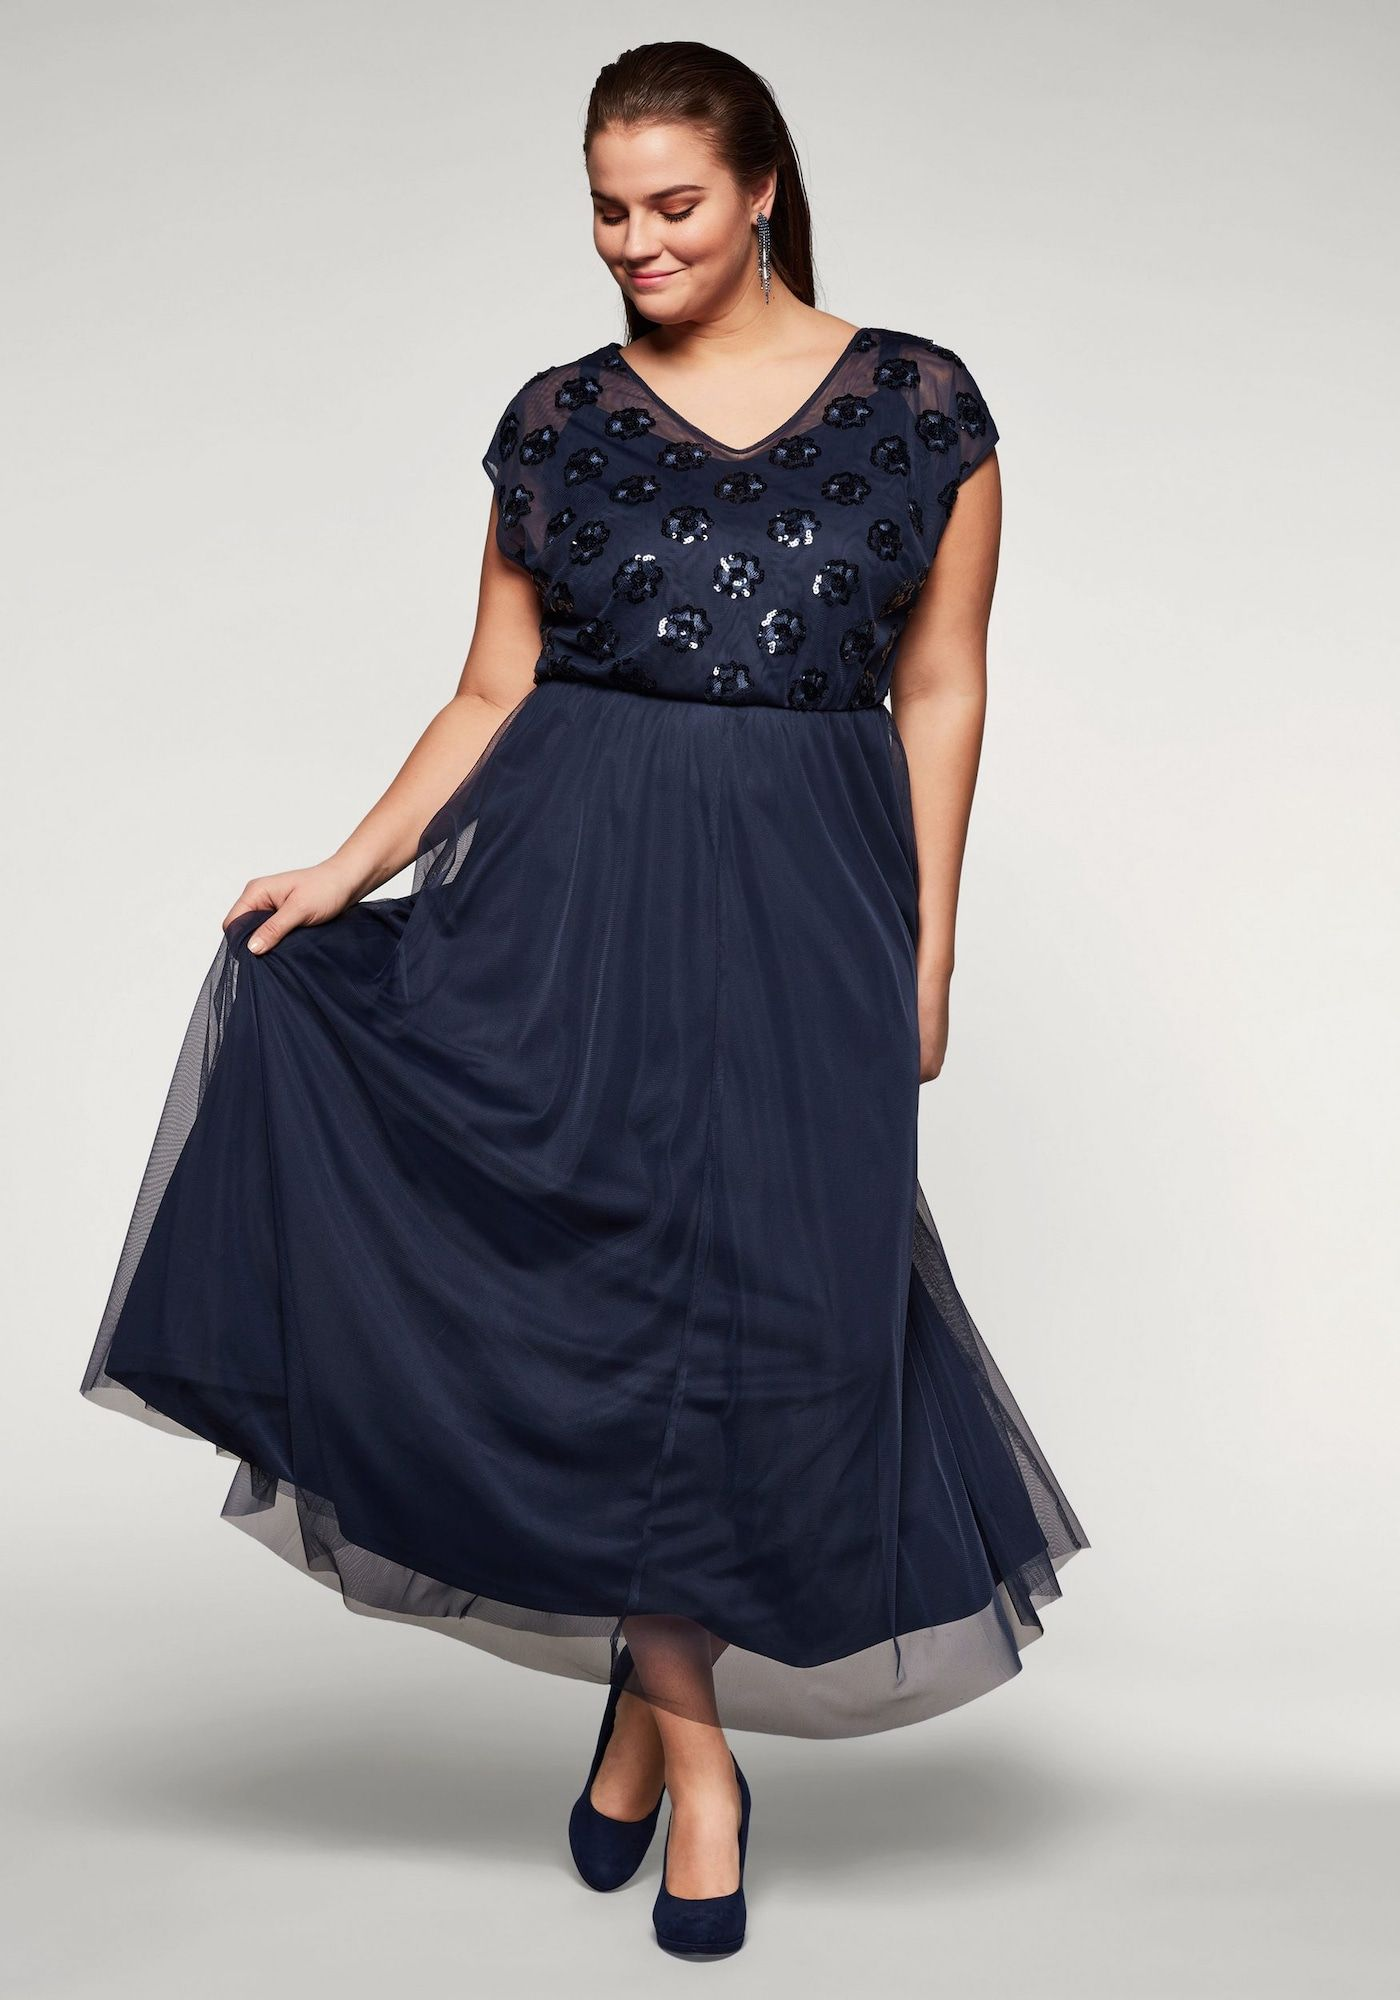 SHEEGO Abendkleid Damen, Nachtblau, Größe 16  Abendkleid, Sheego